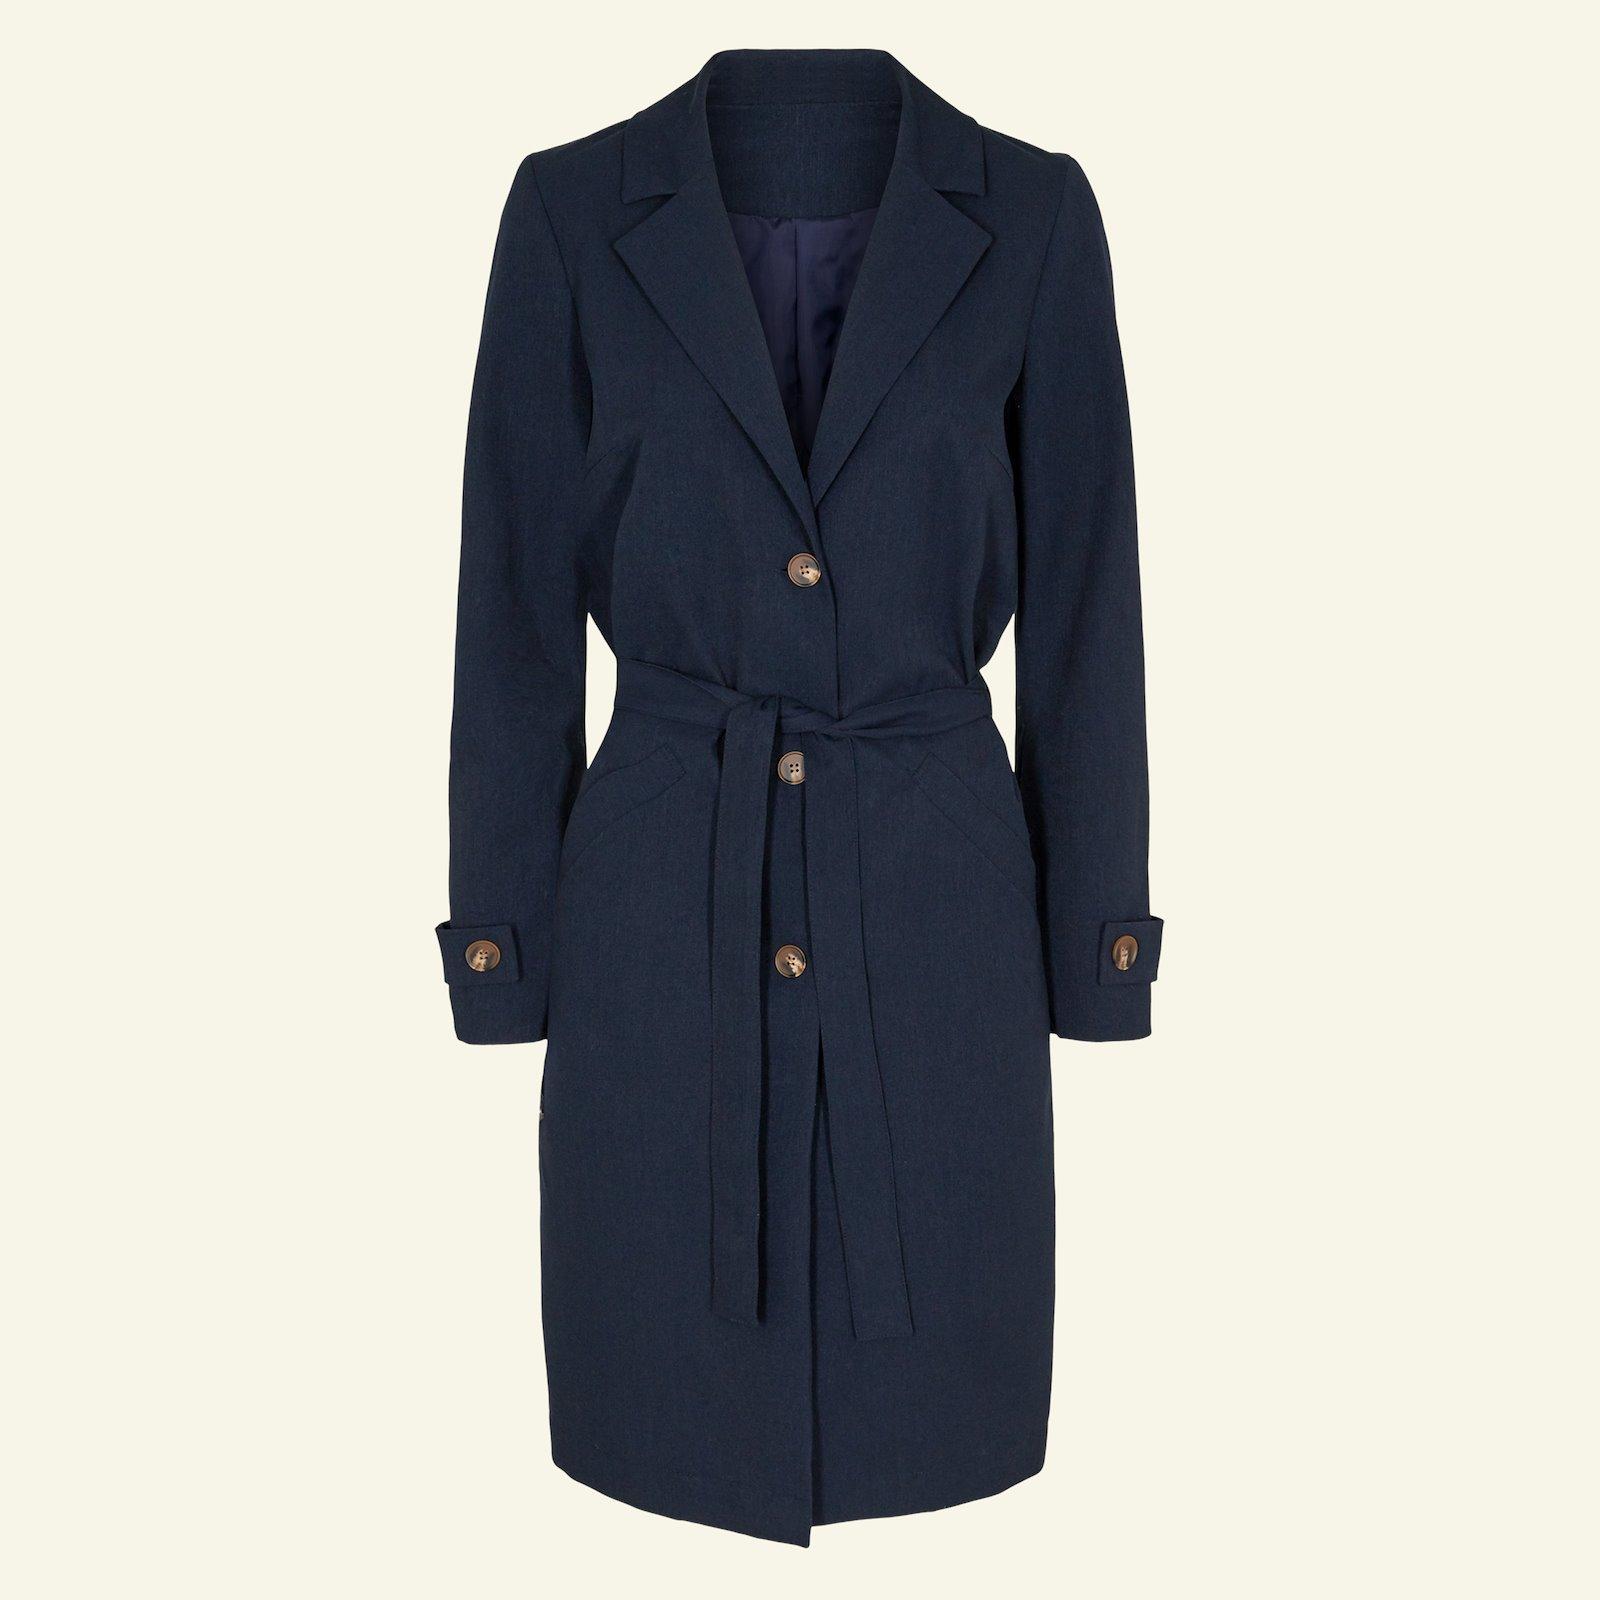 Long coat, 44/16 p24041_650747_40243_sskit